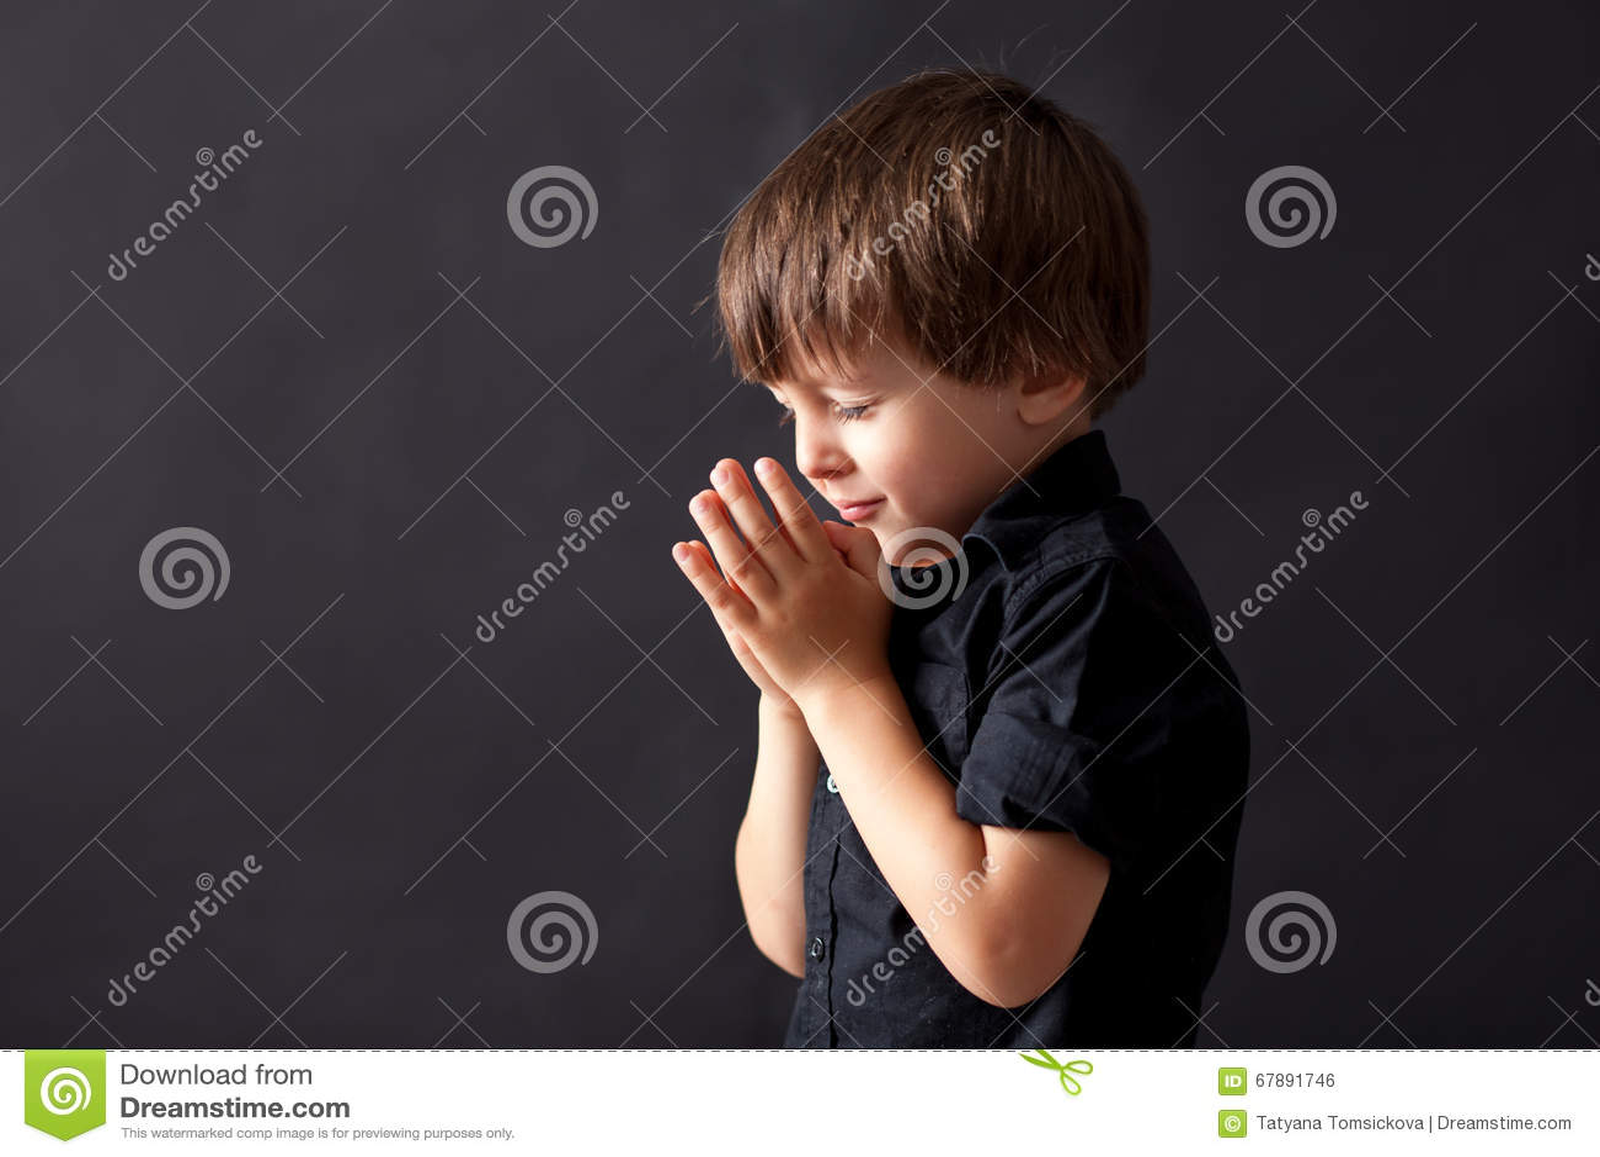 Μικρό παιδί που προσεύχεται, παιδί που προσεύχεται, απομονωμένο υπόβαθρο